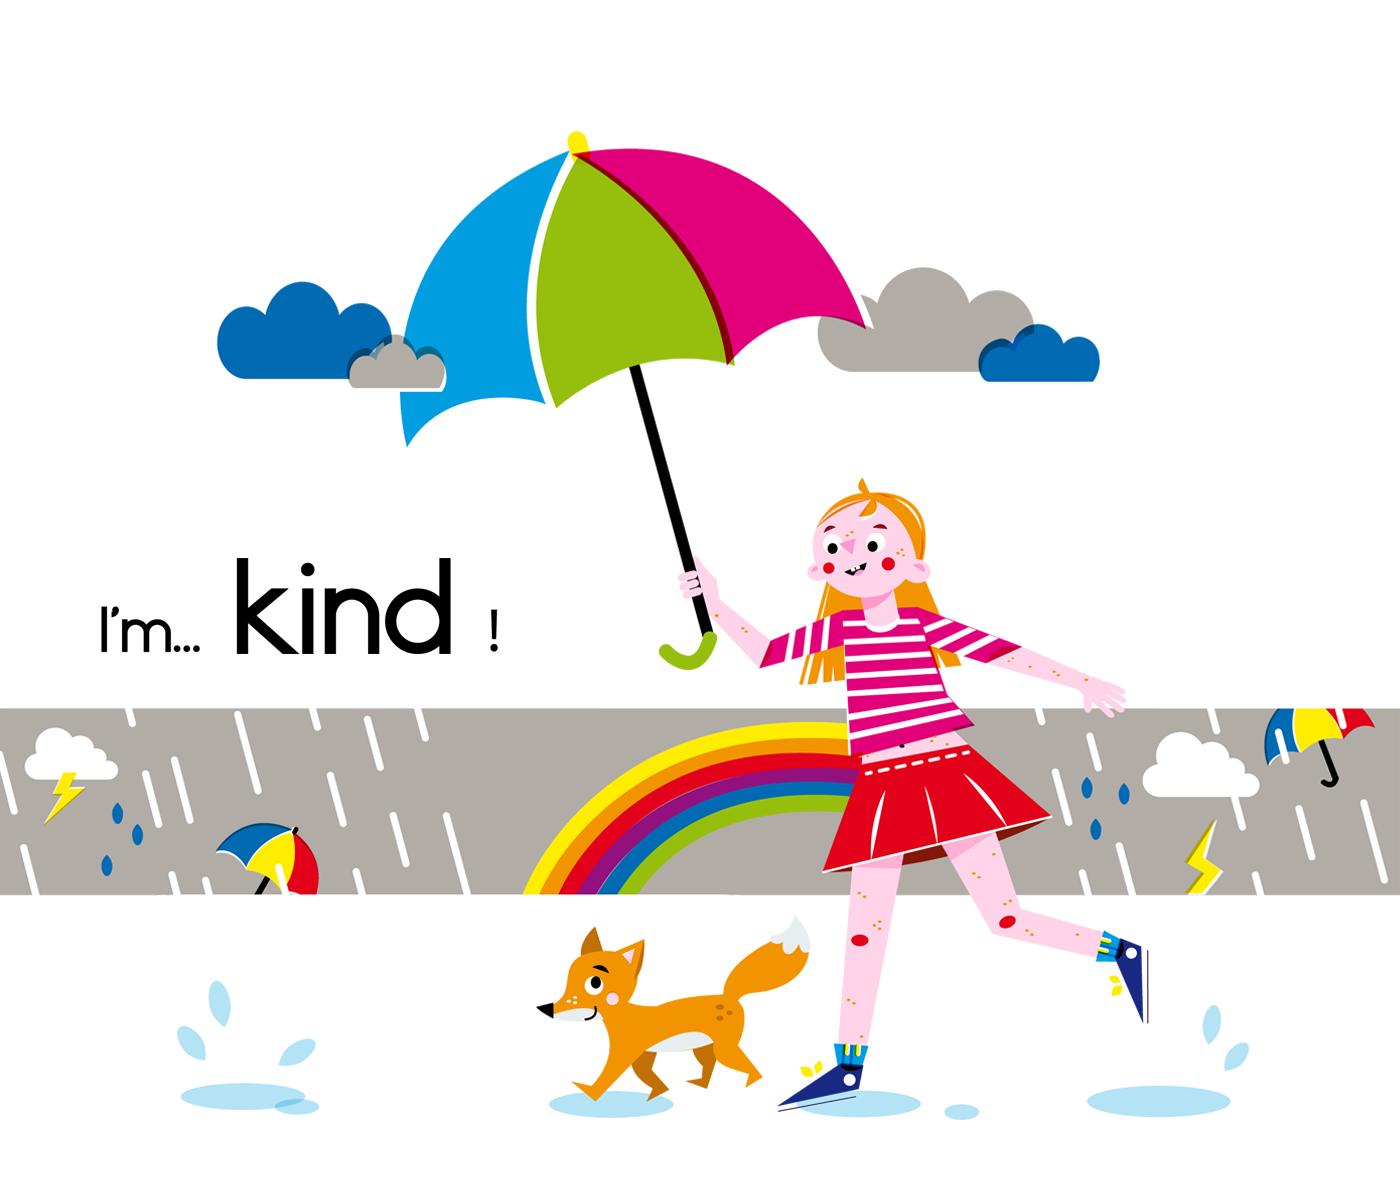 Kind - Vector Illustration © Emeline Barrea, All rights reserved